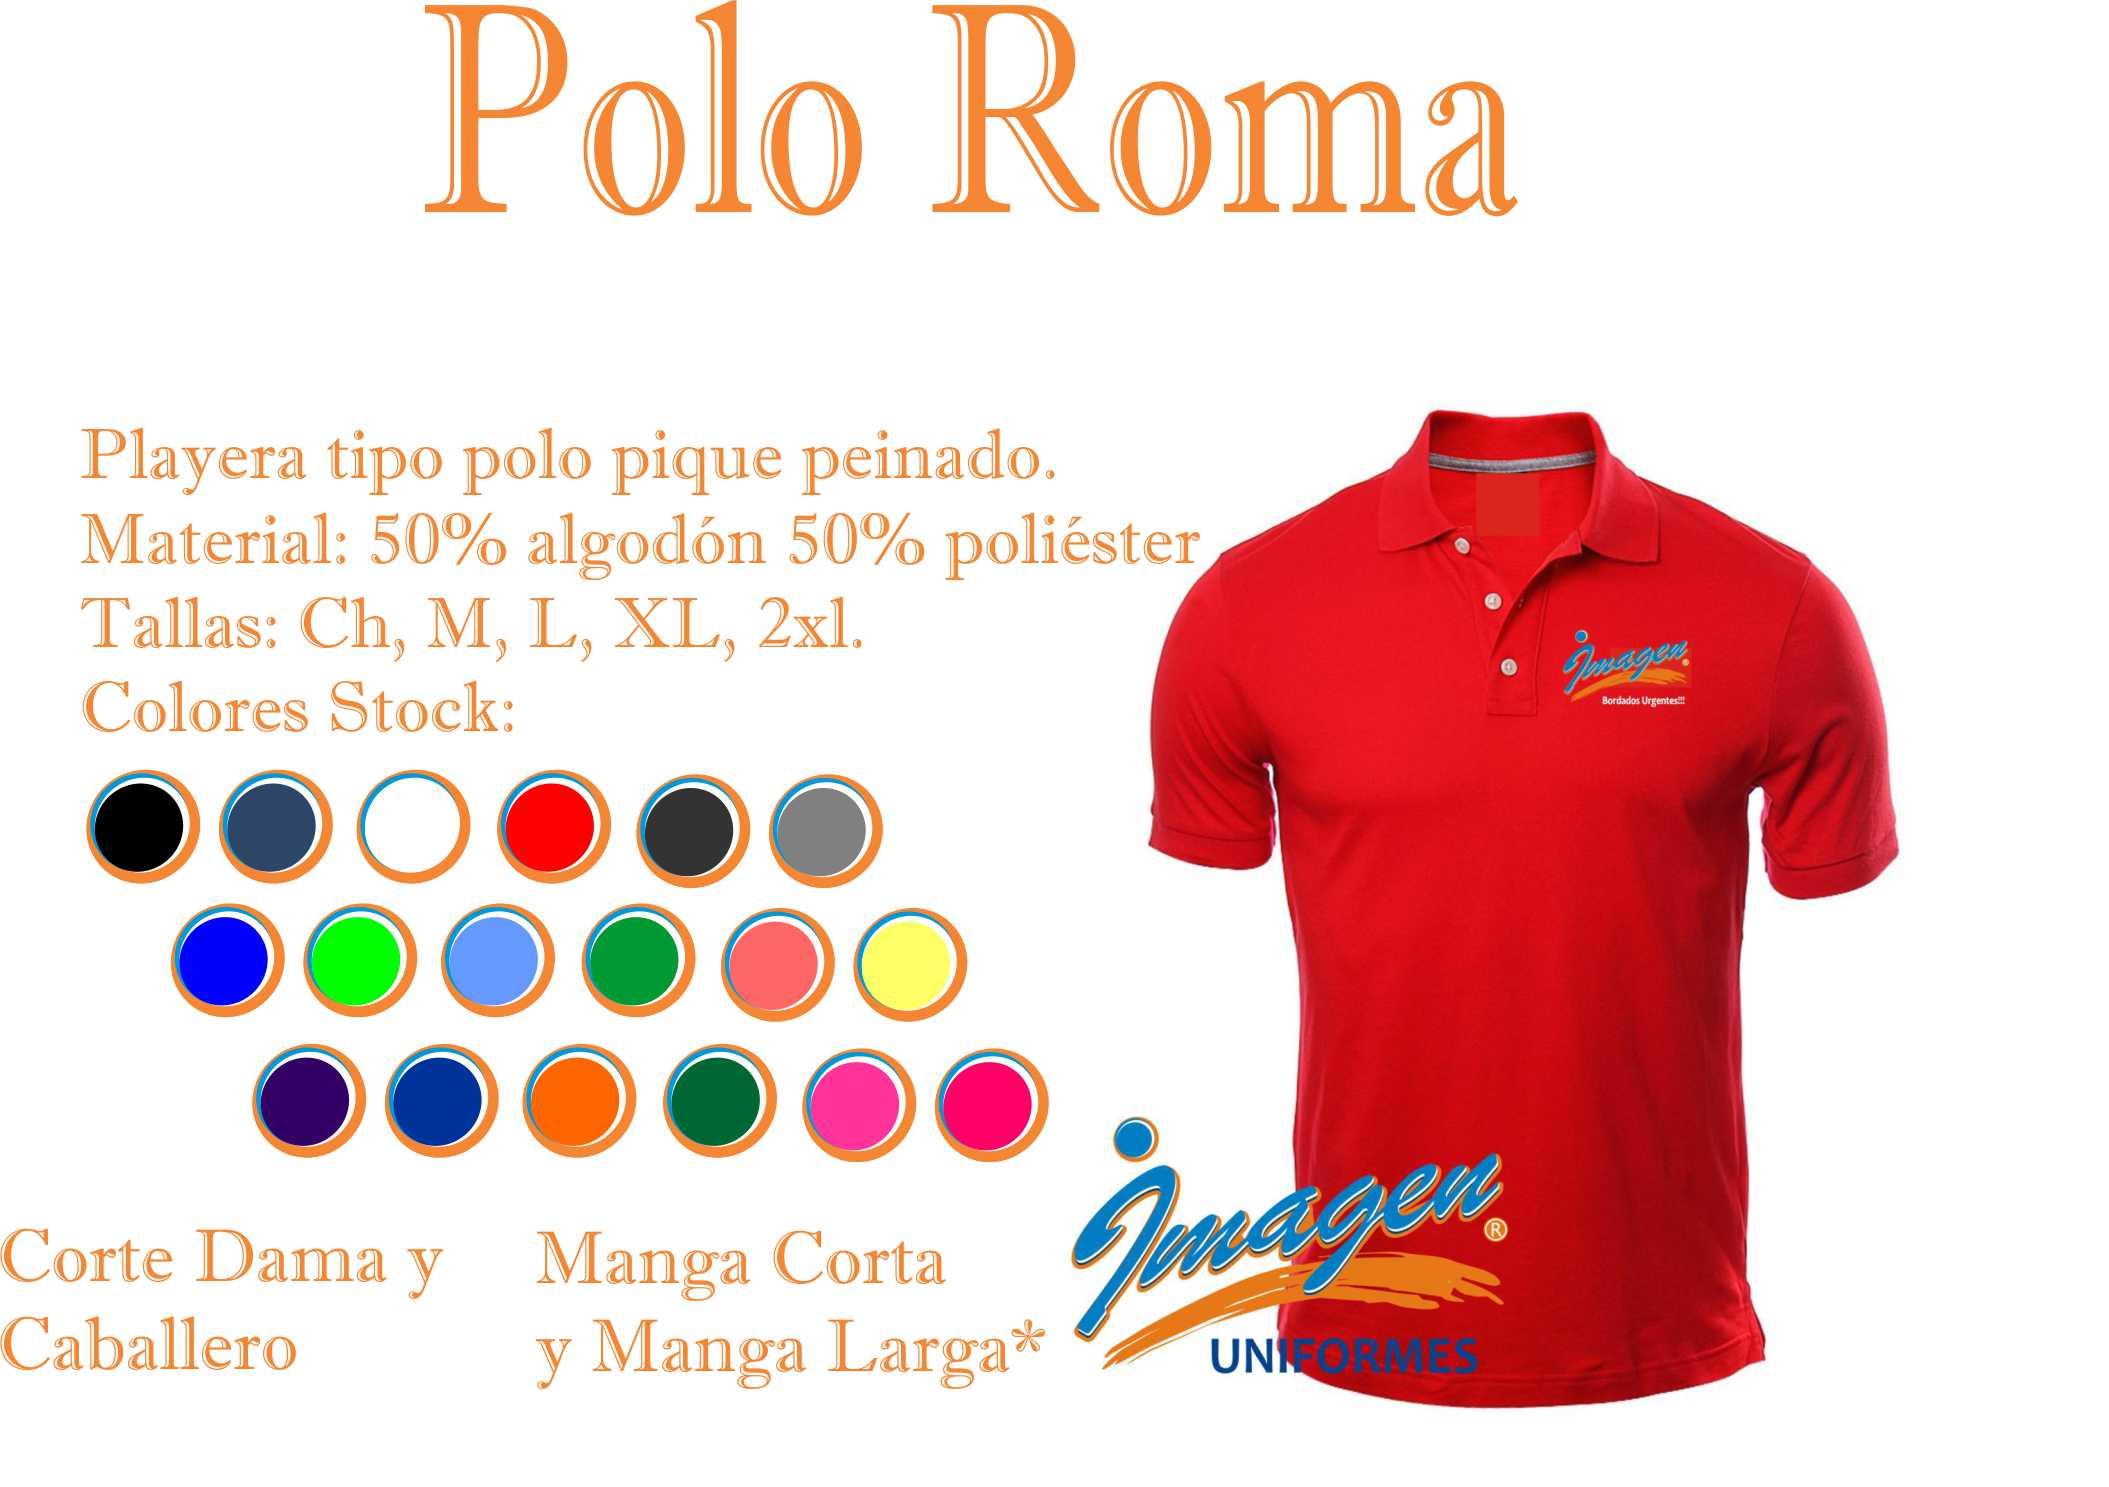 POLO ROMA